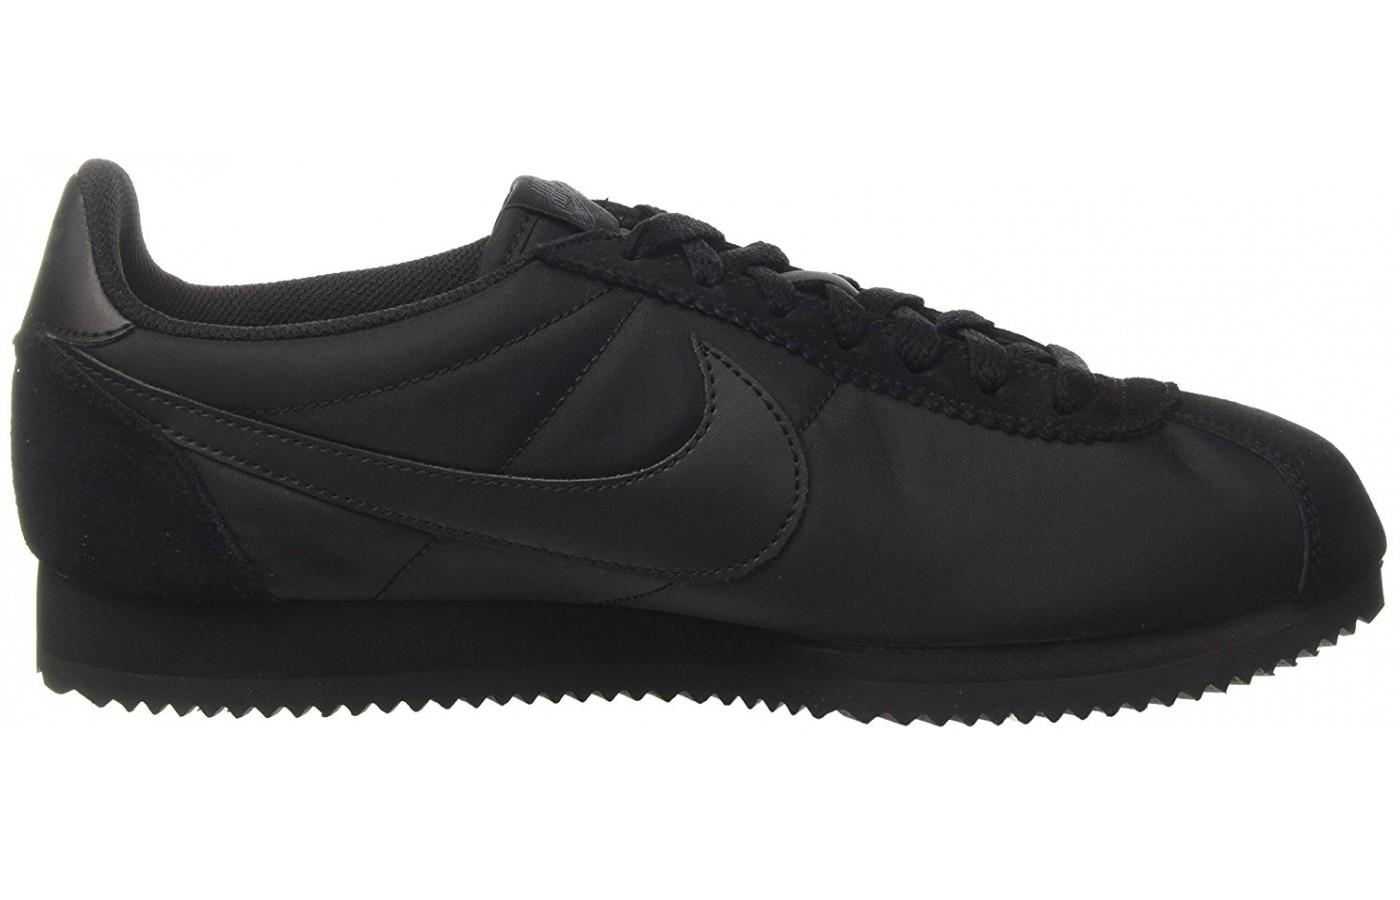 new concept 75abb 23819 nike cortez shoes